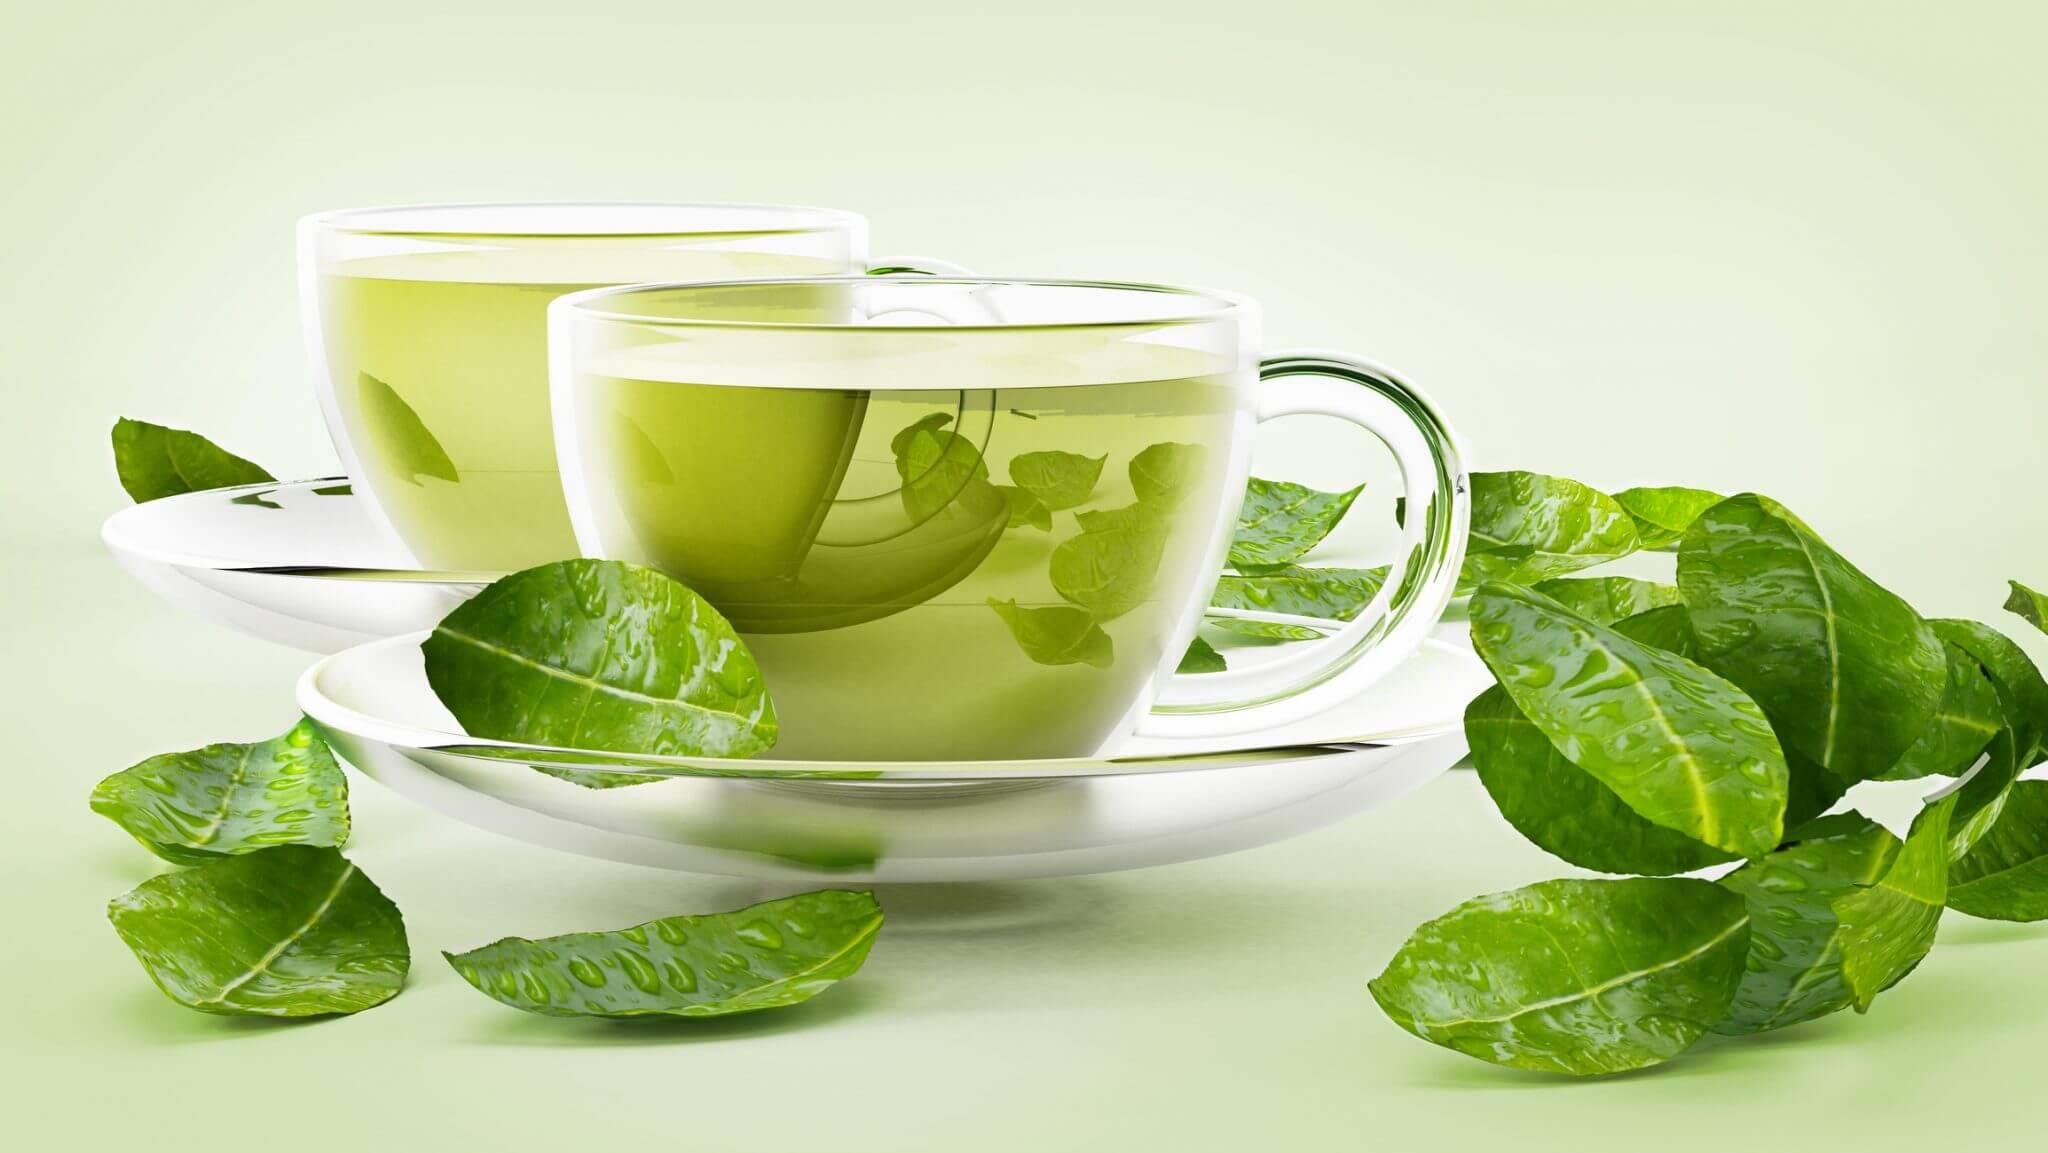 یکی از راههای درمان طبیعی عفونت چشم استفاده از چای است.